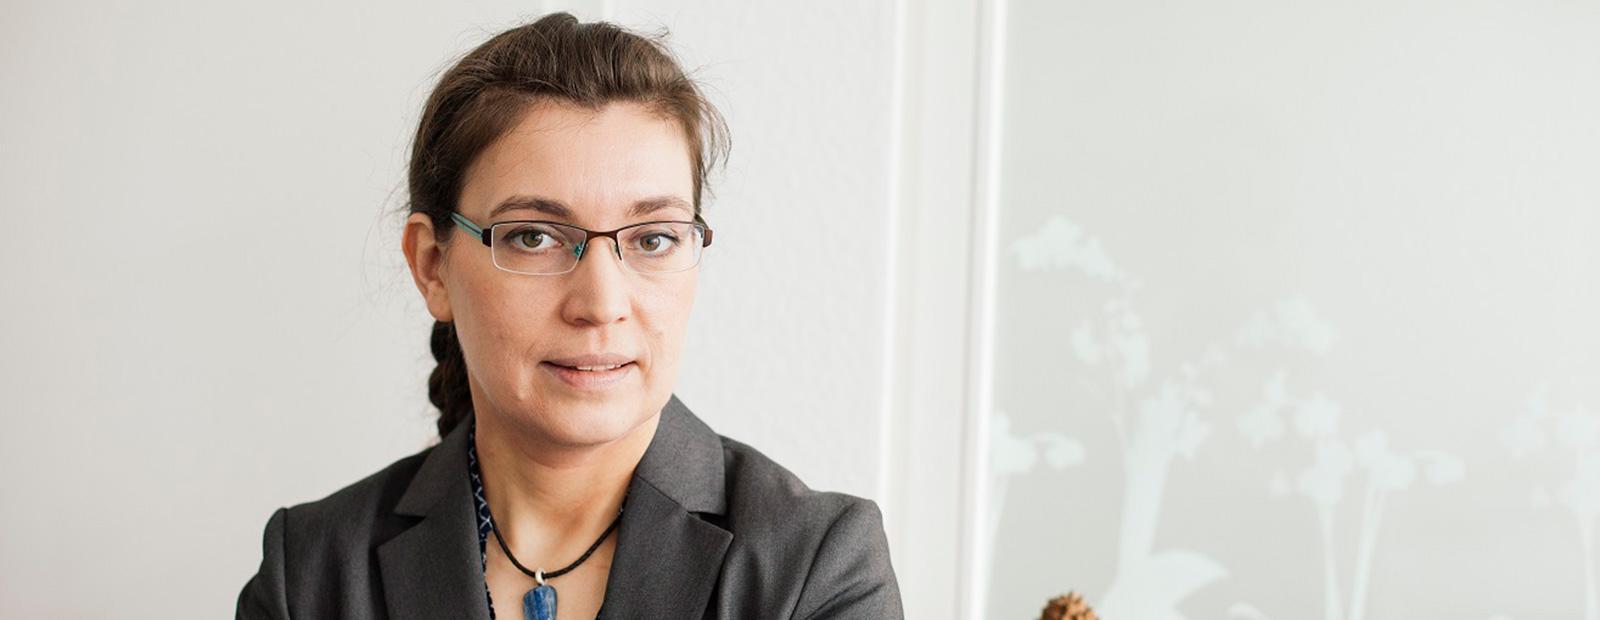 Jessica Kleine - Personalentwicklung & Coaching - 05741 - 2353900